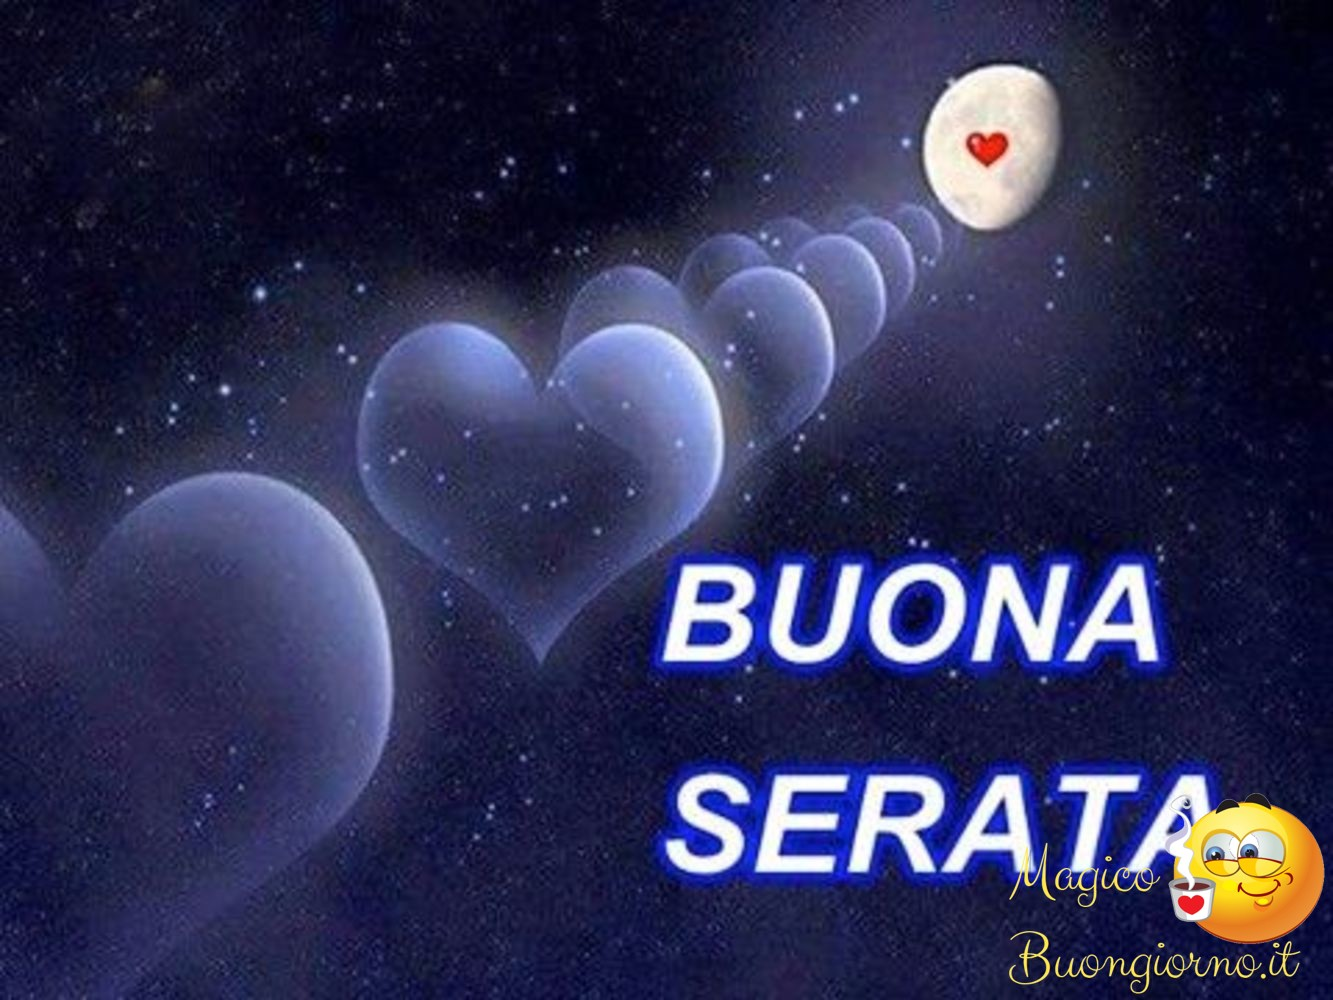 Immagini Belle Di Buonanotte Per Whatsapp Magicobuongiornoit